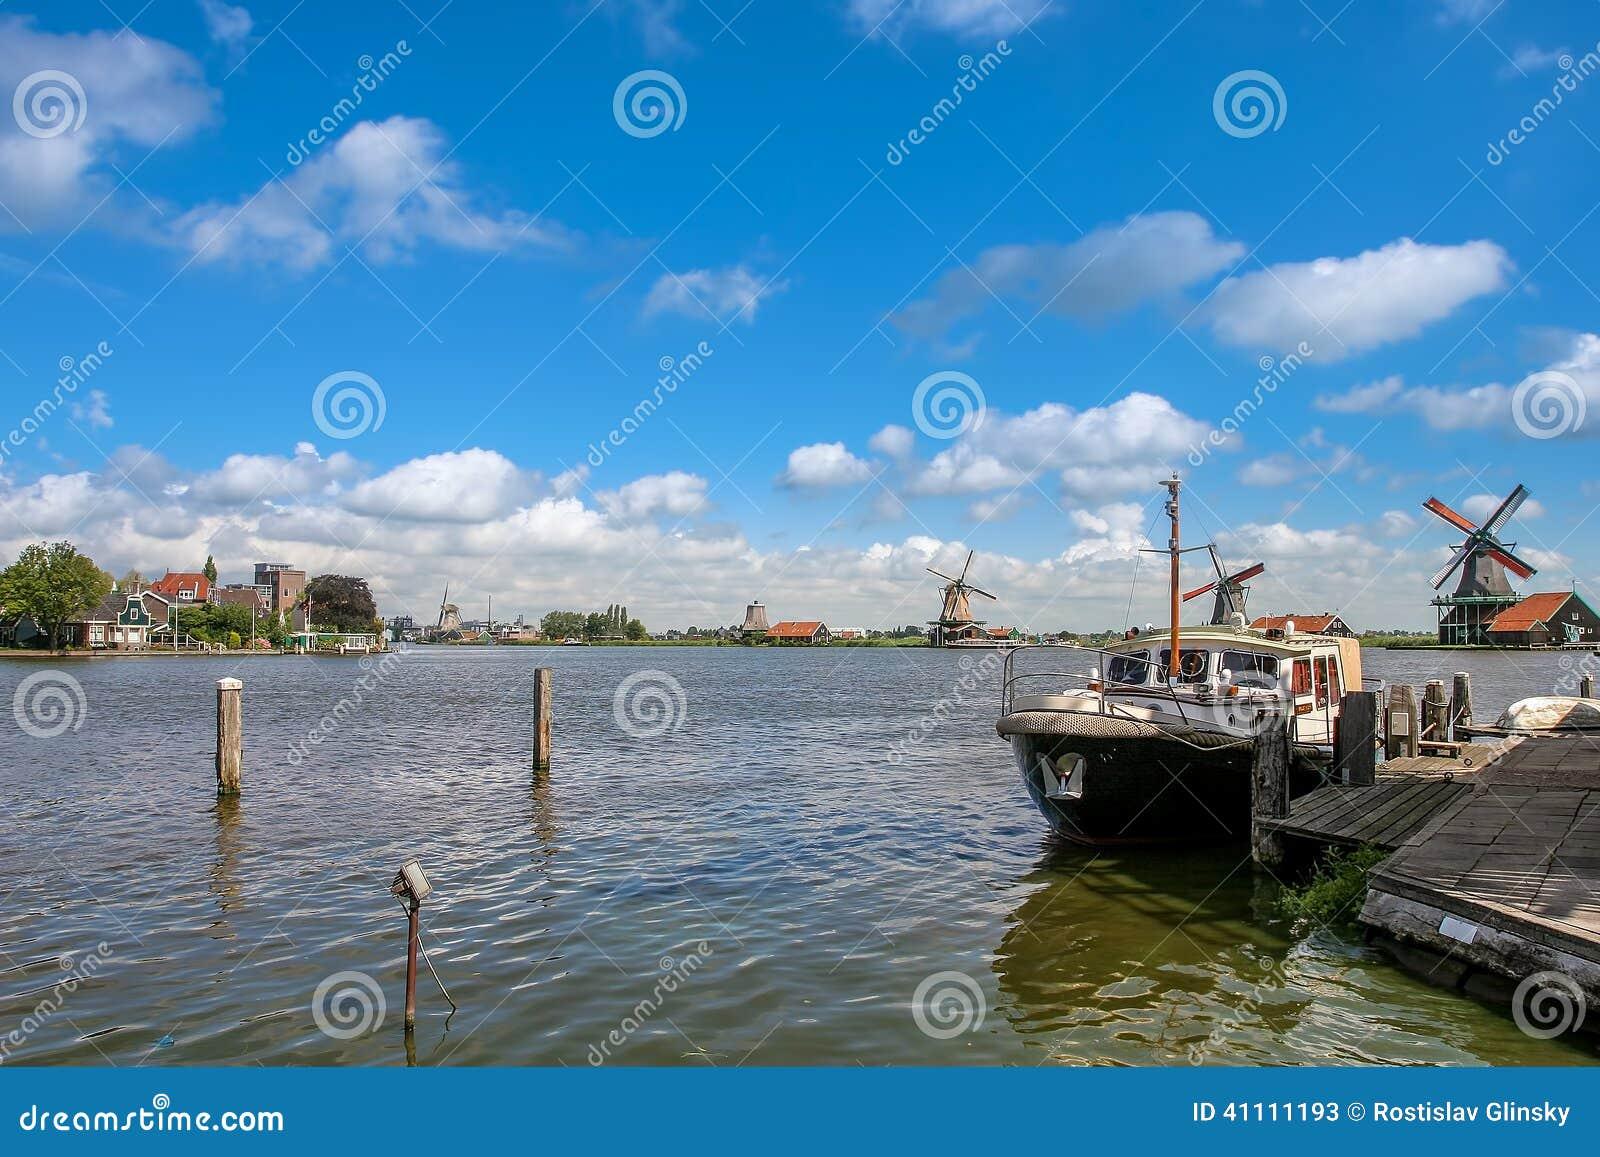 Barca sul fiume in villaggio olandese